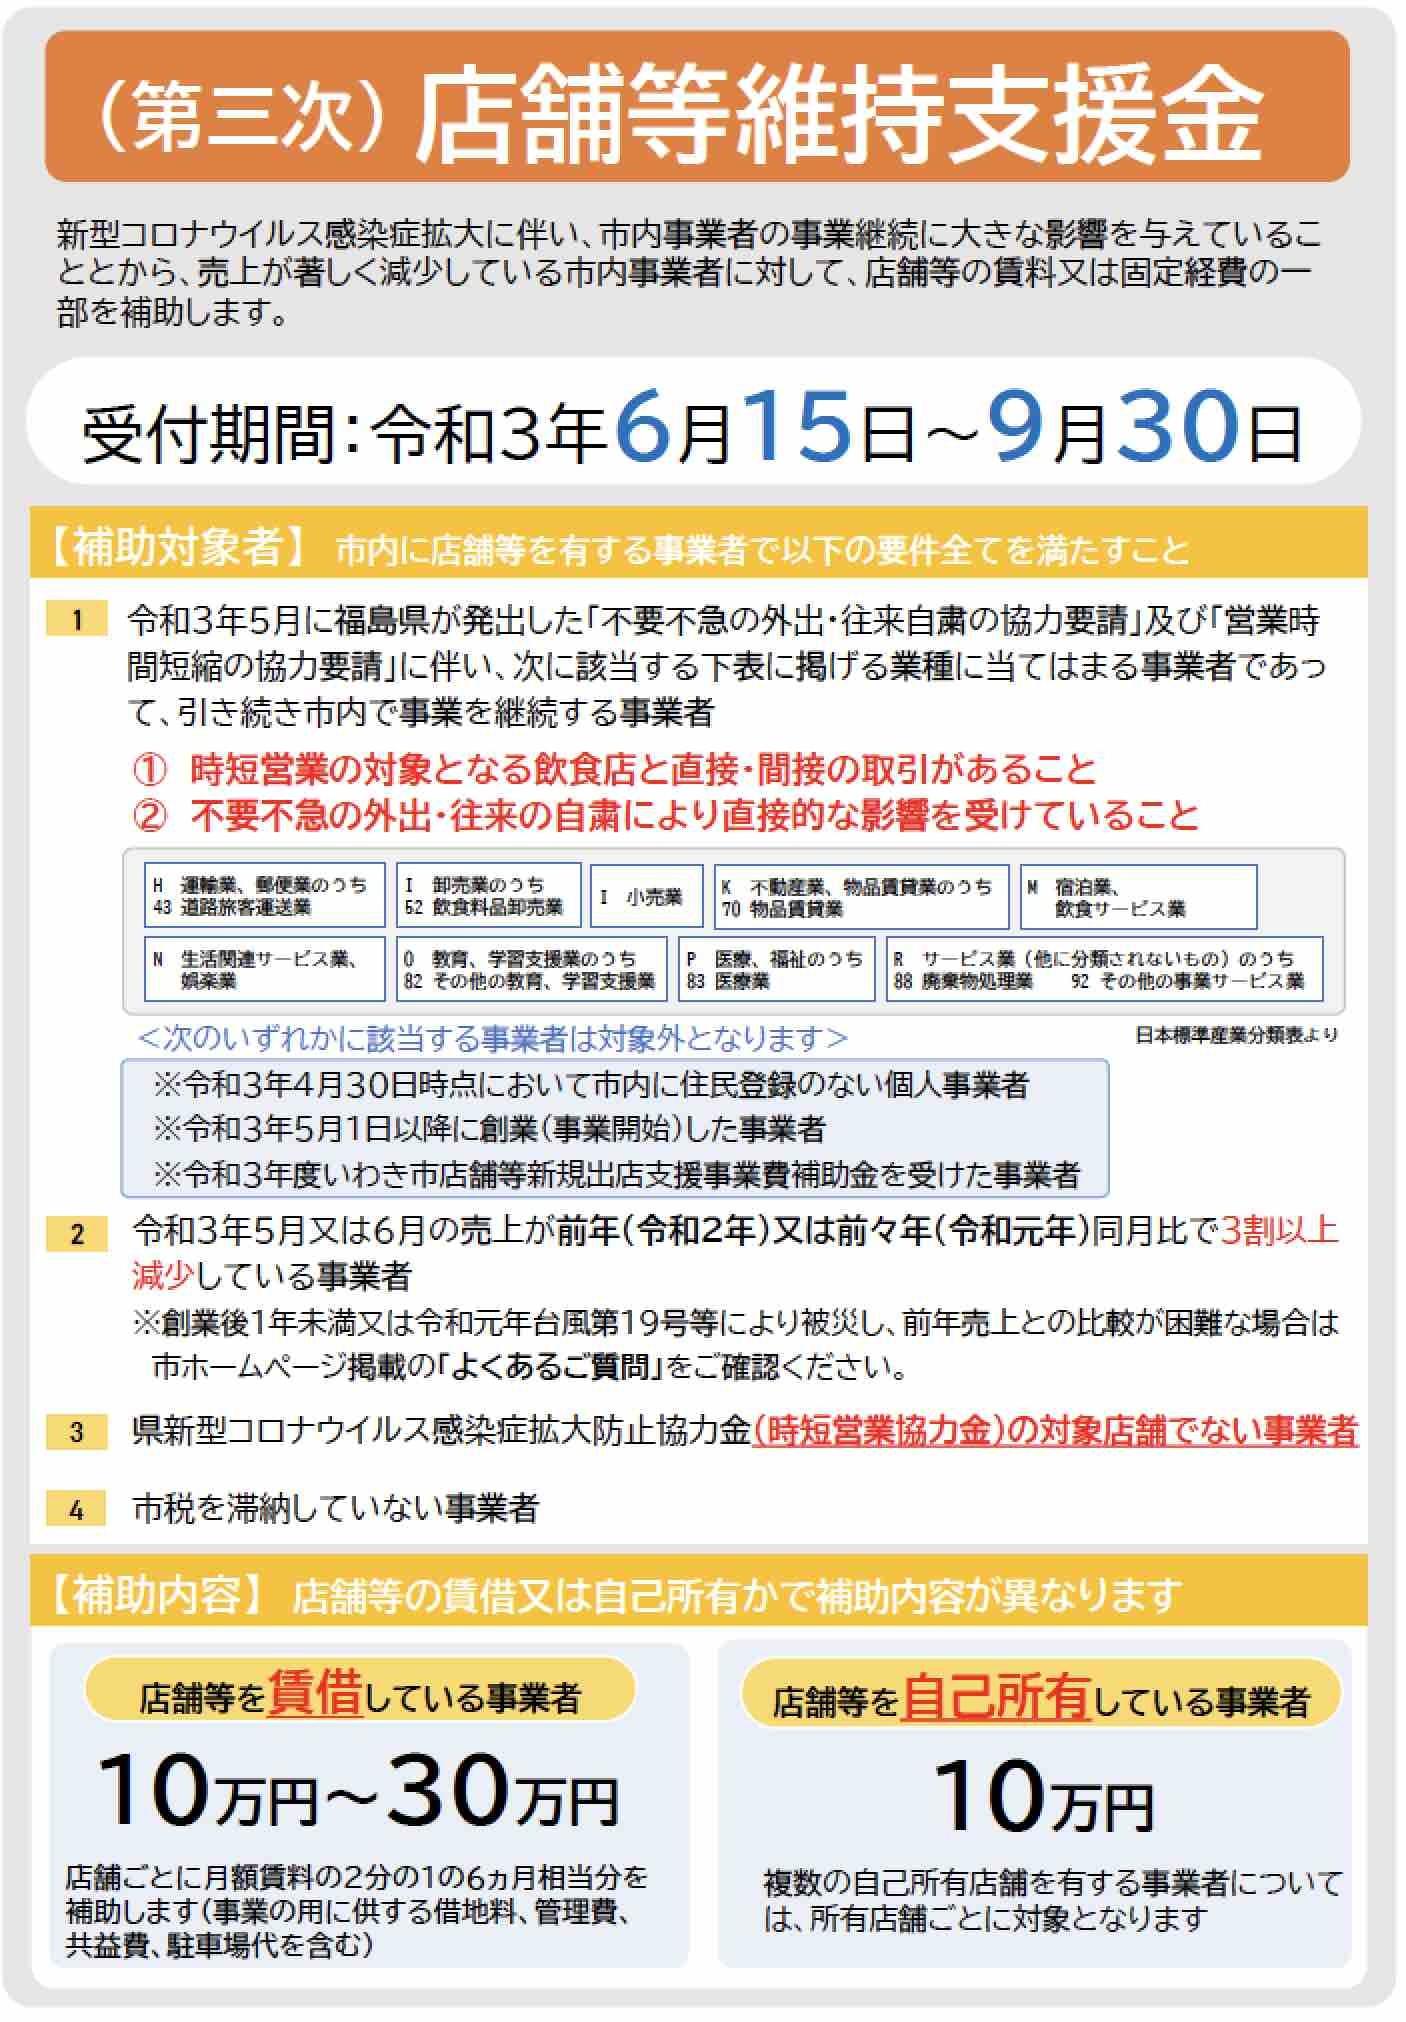 15日から店舗等維持支援金の受付_e0068696_08023486.jpg